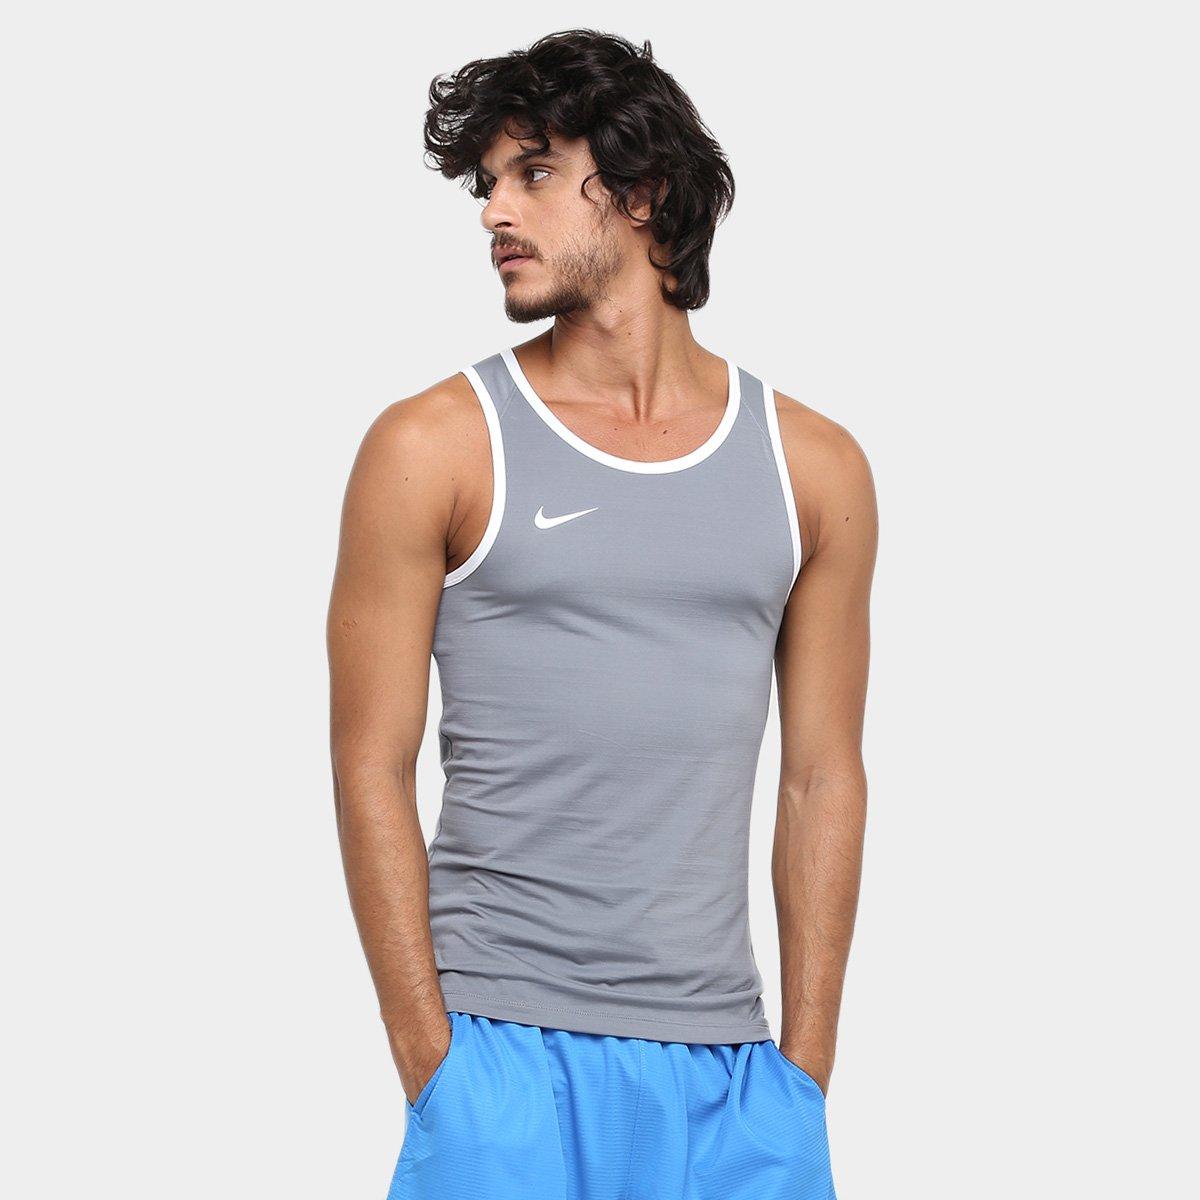 Camiseta Regata Nike SL Crossover - Cinza e Branco - Compre Agora ... a1a92149663